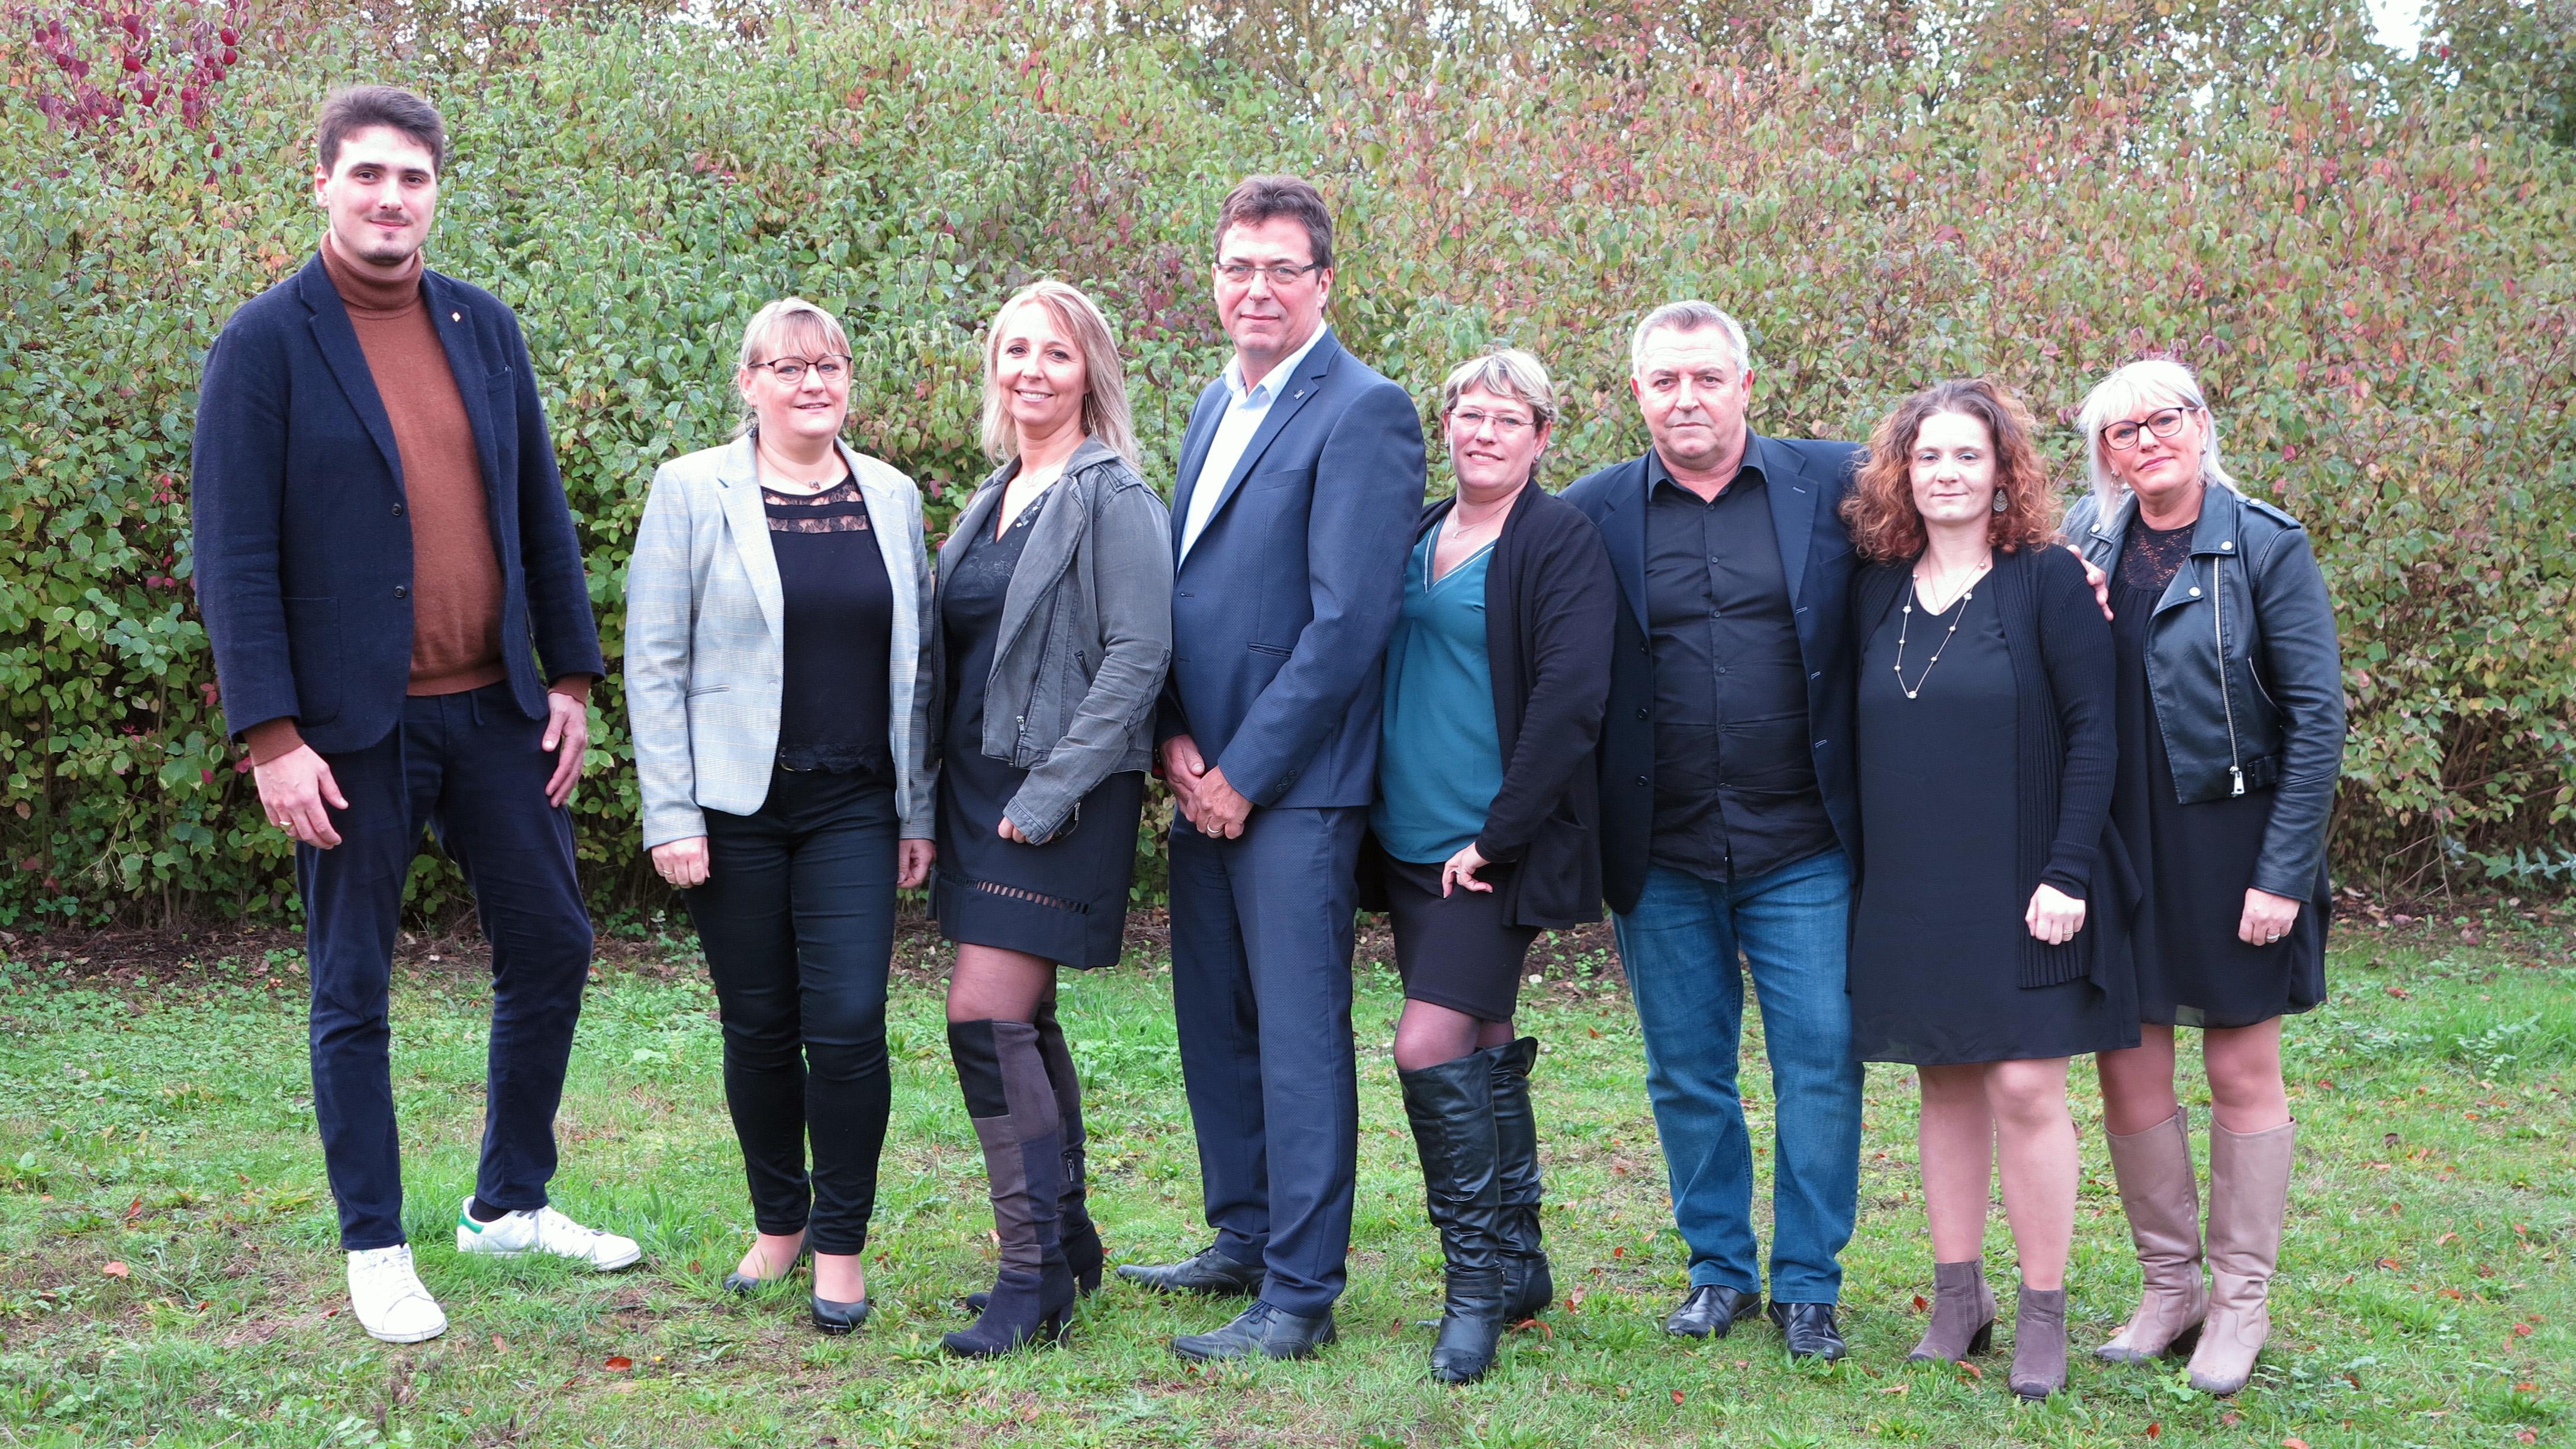 Équipe permanente de notre organisme de formation professionnelle à Lens (Harnes)